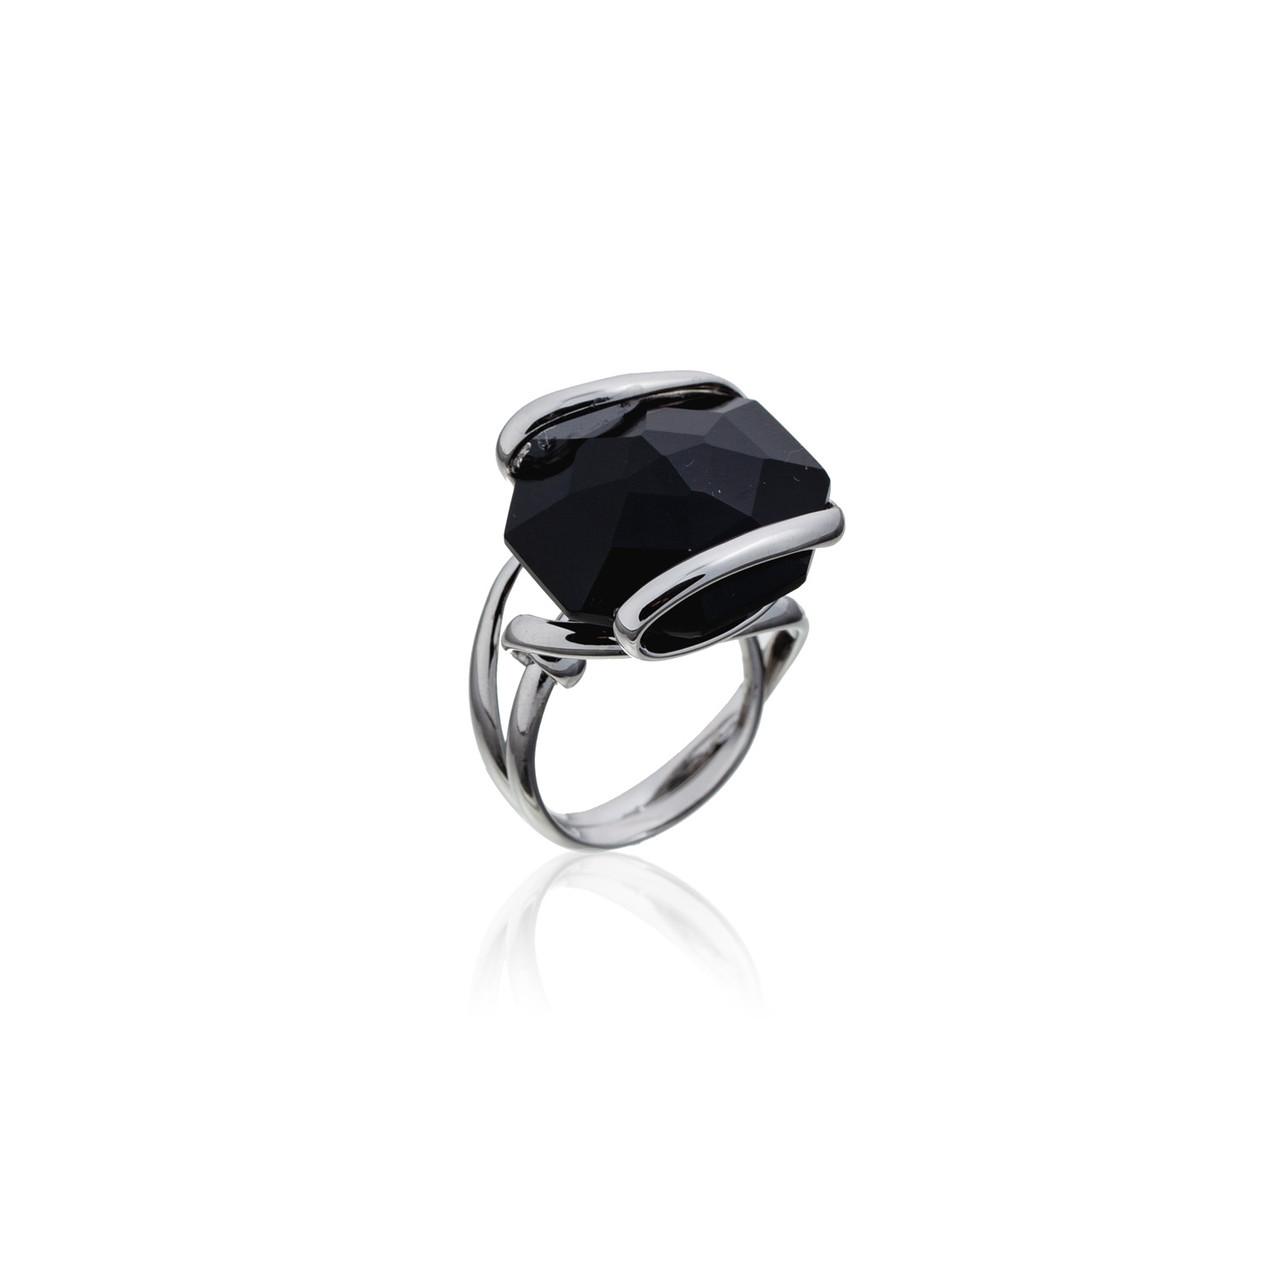 Серебряное кольцо с натуральным камнем. Вставка: черный агат вес:10,7гр, покрытие родий, размер:18рр